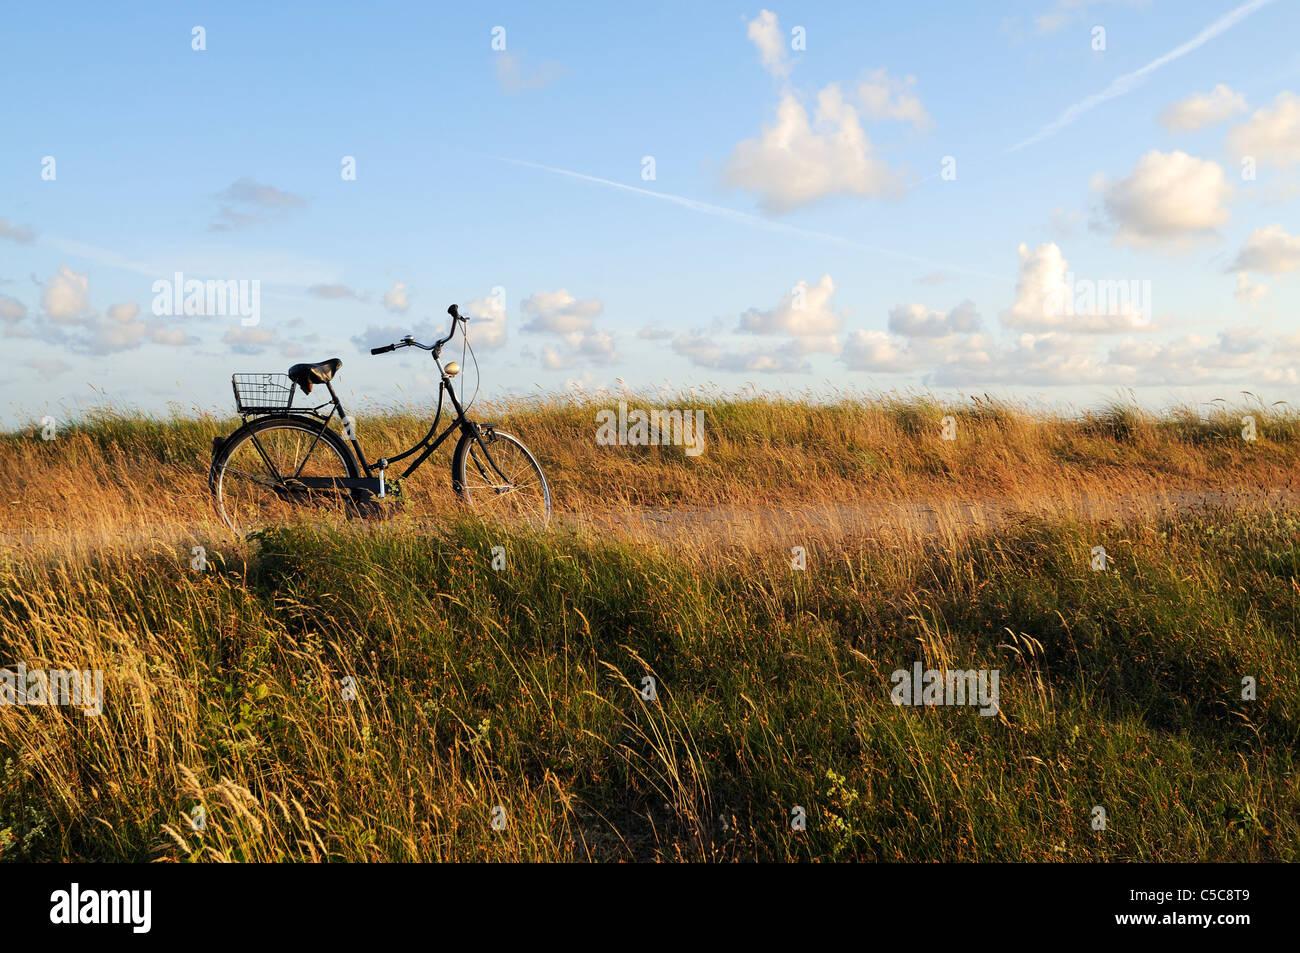 Fahrrad auf einem küstennahen Holzsteg gegen einen schönen blauen Himmel, Nordseeinseln Deutschlands, Stockbild